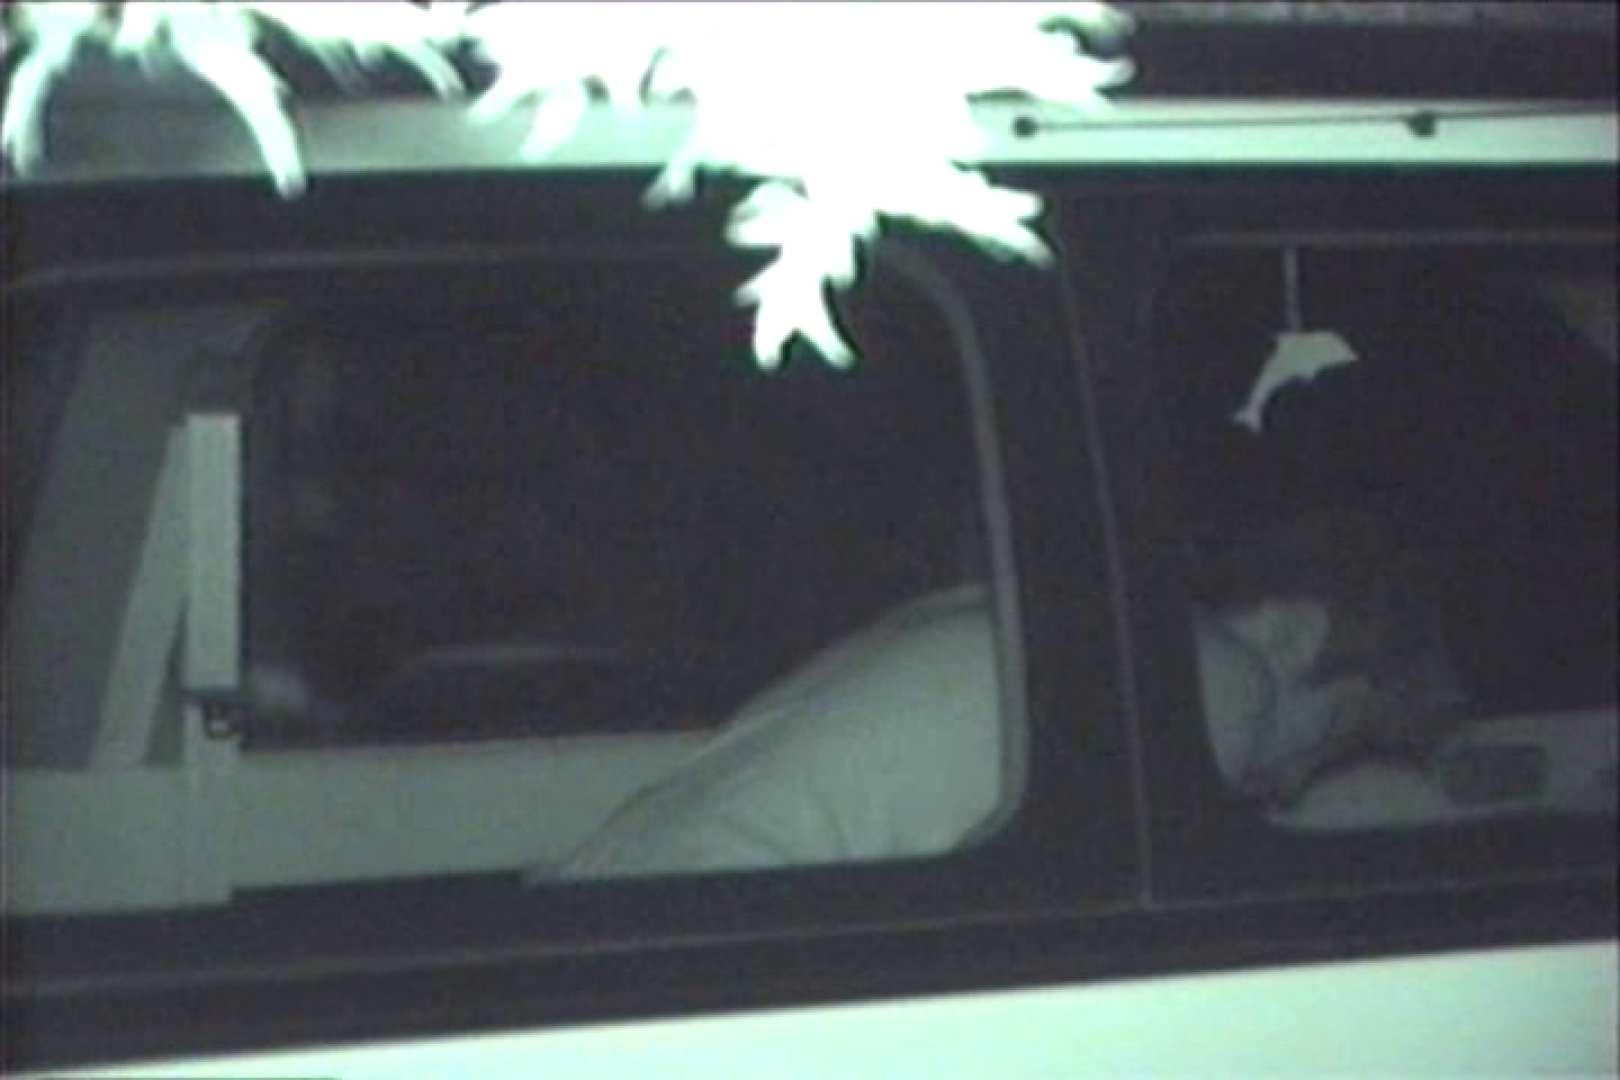 車の中はラブホテル 無修正版  Vol.18 感じるセックス オマンコ無修正動画無料 80連発 51